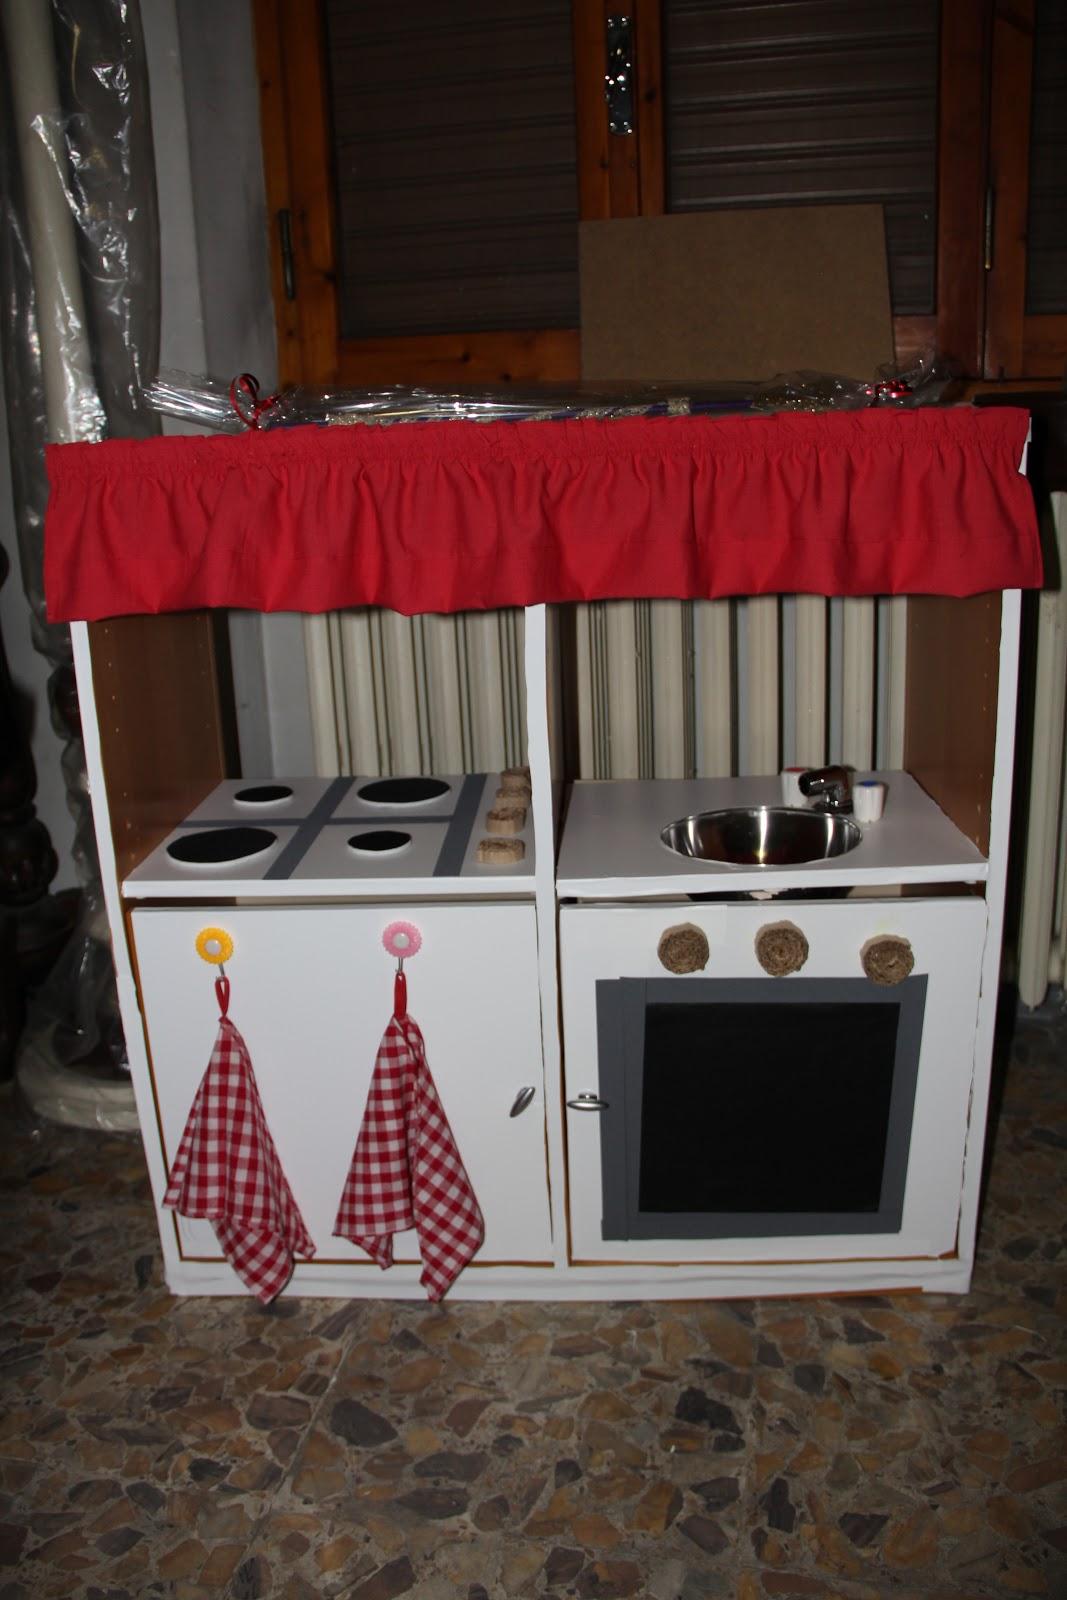 Casa VillaColle: Costruire una cucina giocattolo per i bambini